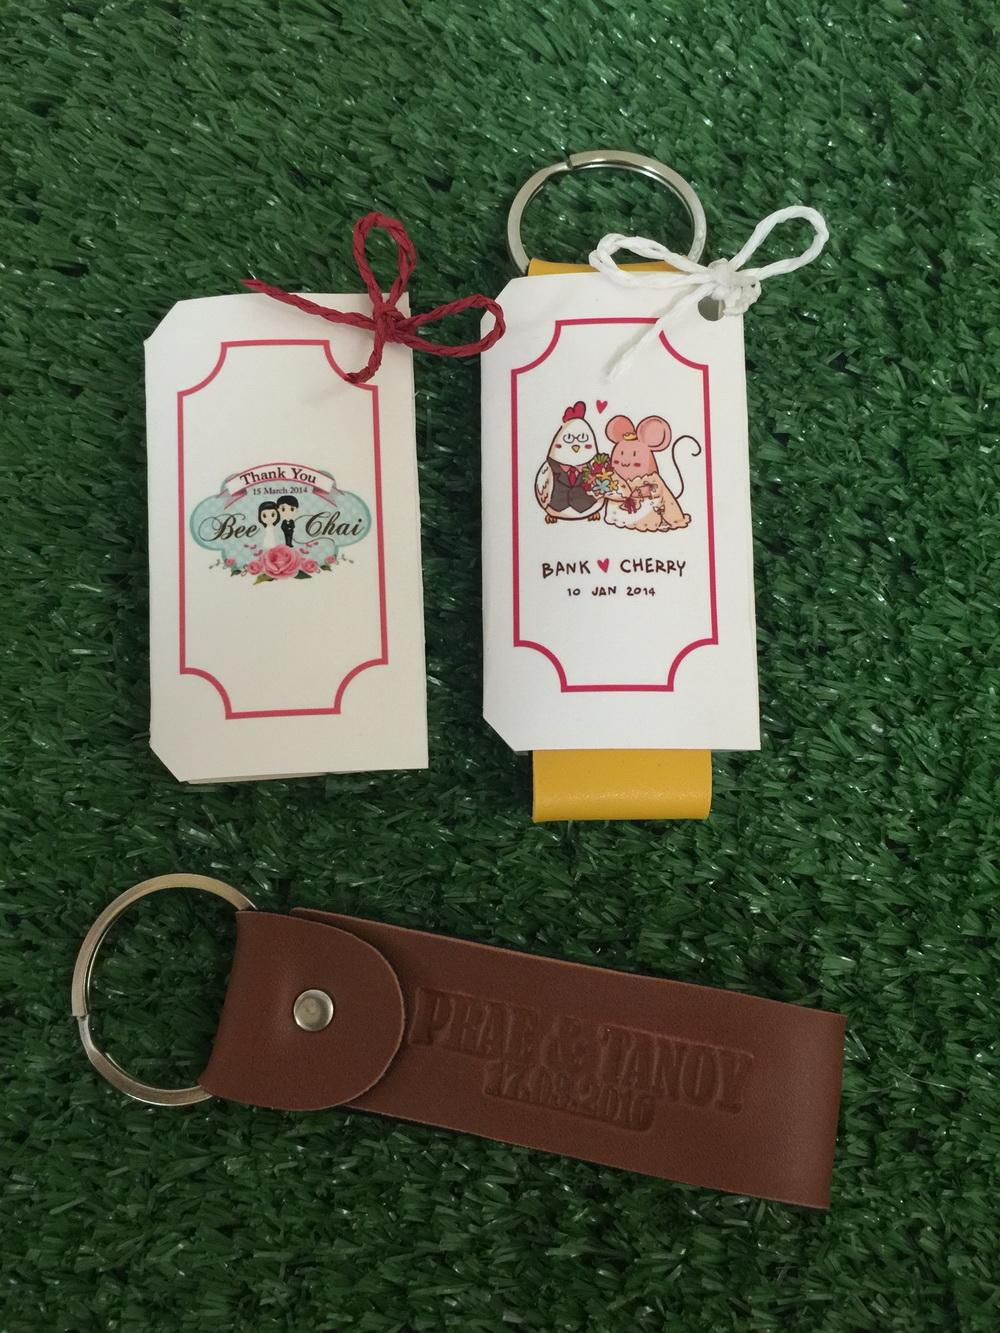 พวงกุญแจหนัง (เลือกสีได้) ปั๊มชื่อและวันที่ แพ็คปลอกกระดาษลายตามแบบ พร้อมพิมพ์ชื่อ